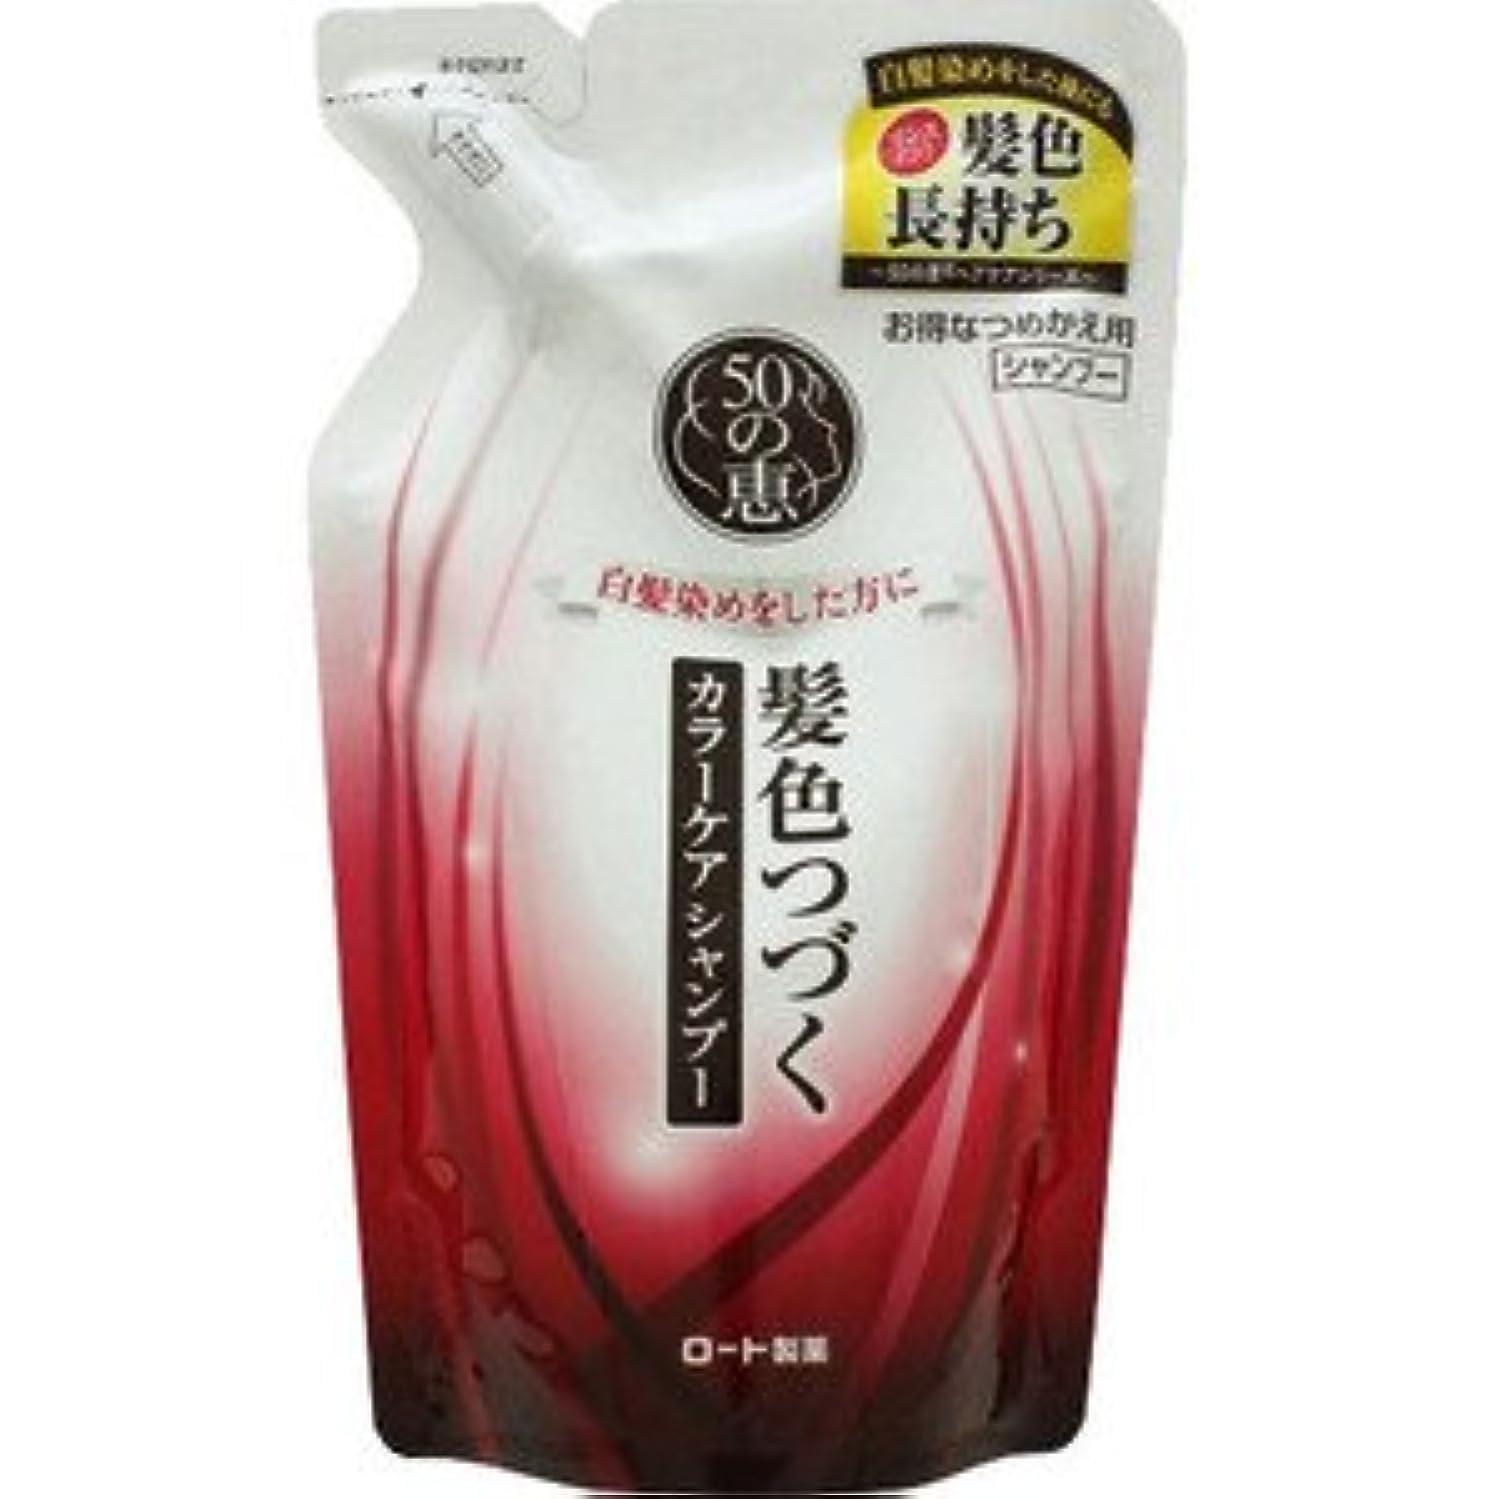 パケットコロニー賄賂(ロート製薬)50の恵 髪色つづく カラーケア シャンプー(つめかえ用) 330ml(お買い得3個セット)